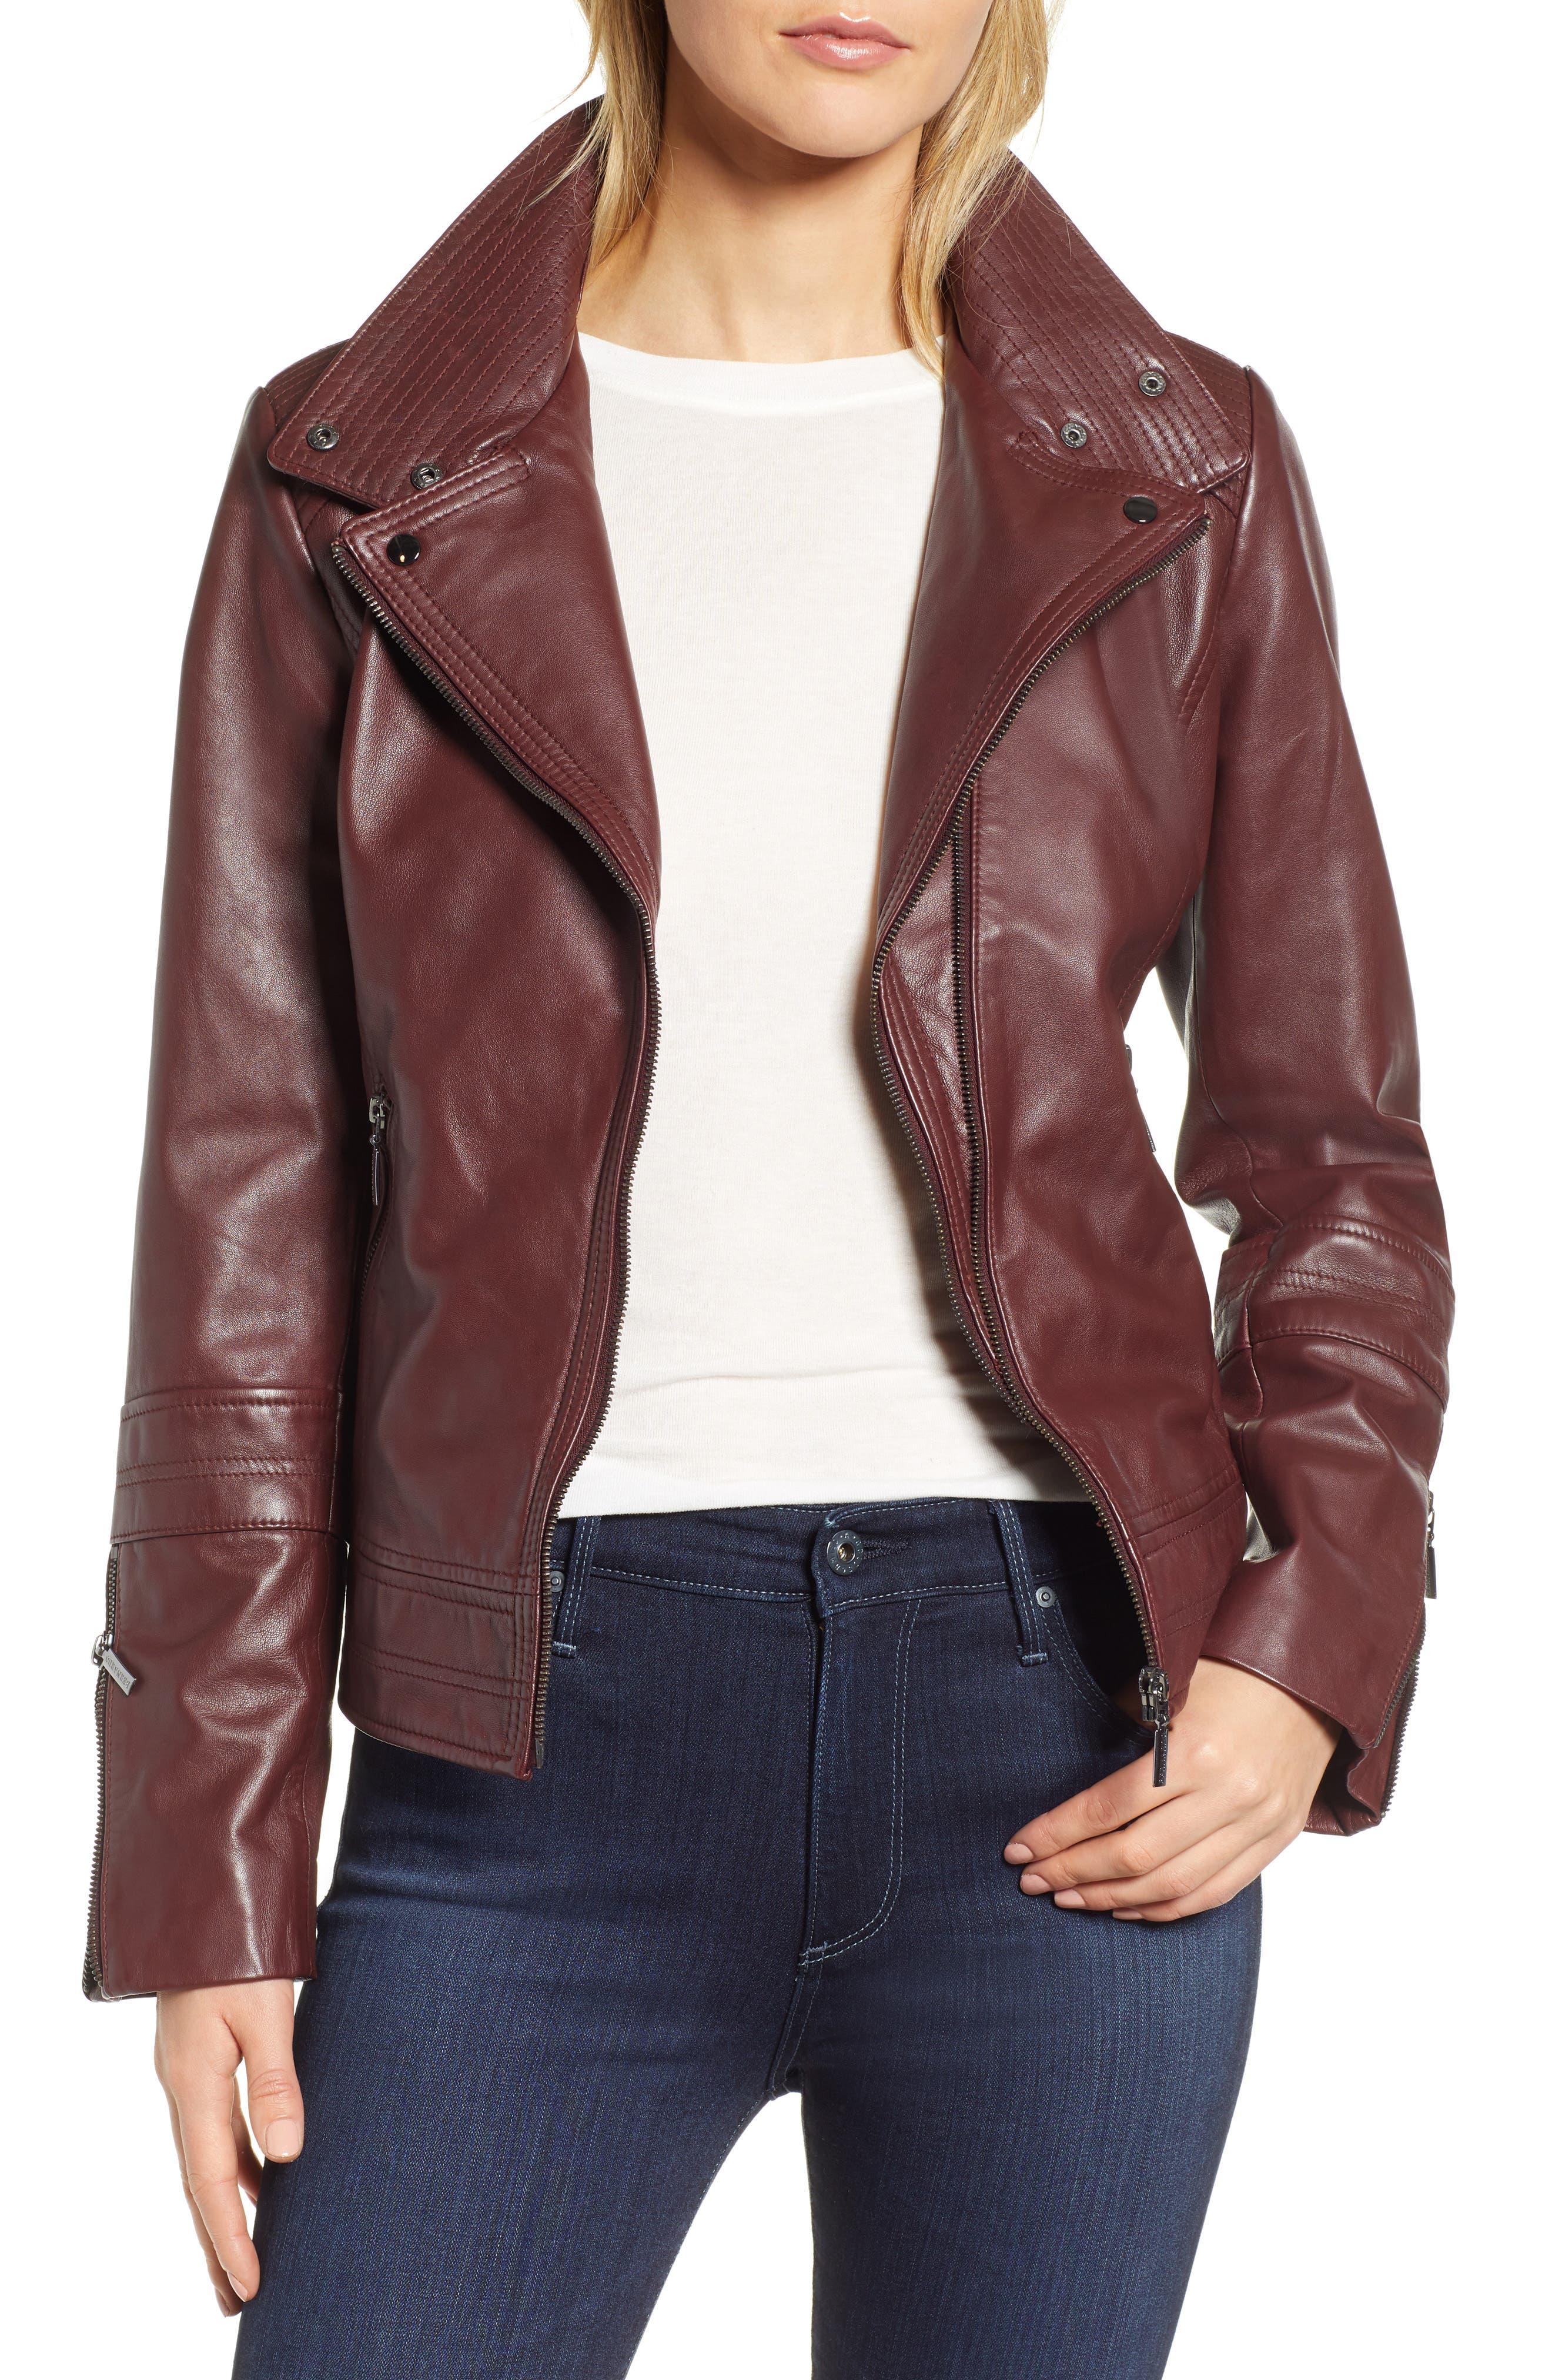 BERNARDO Leather Moto Jacket in Deep Burgundy